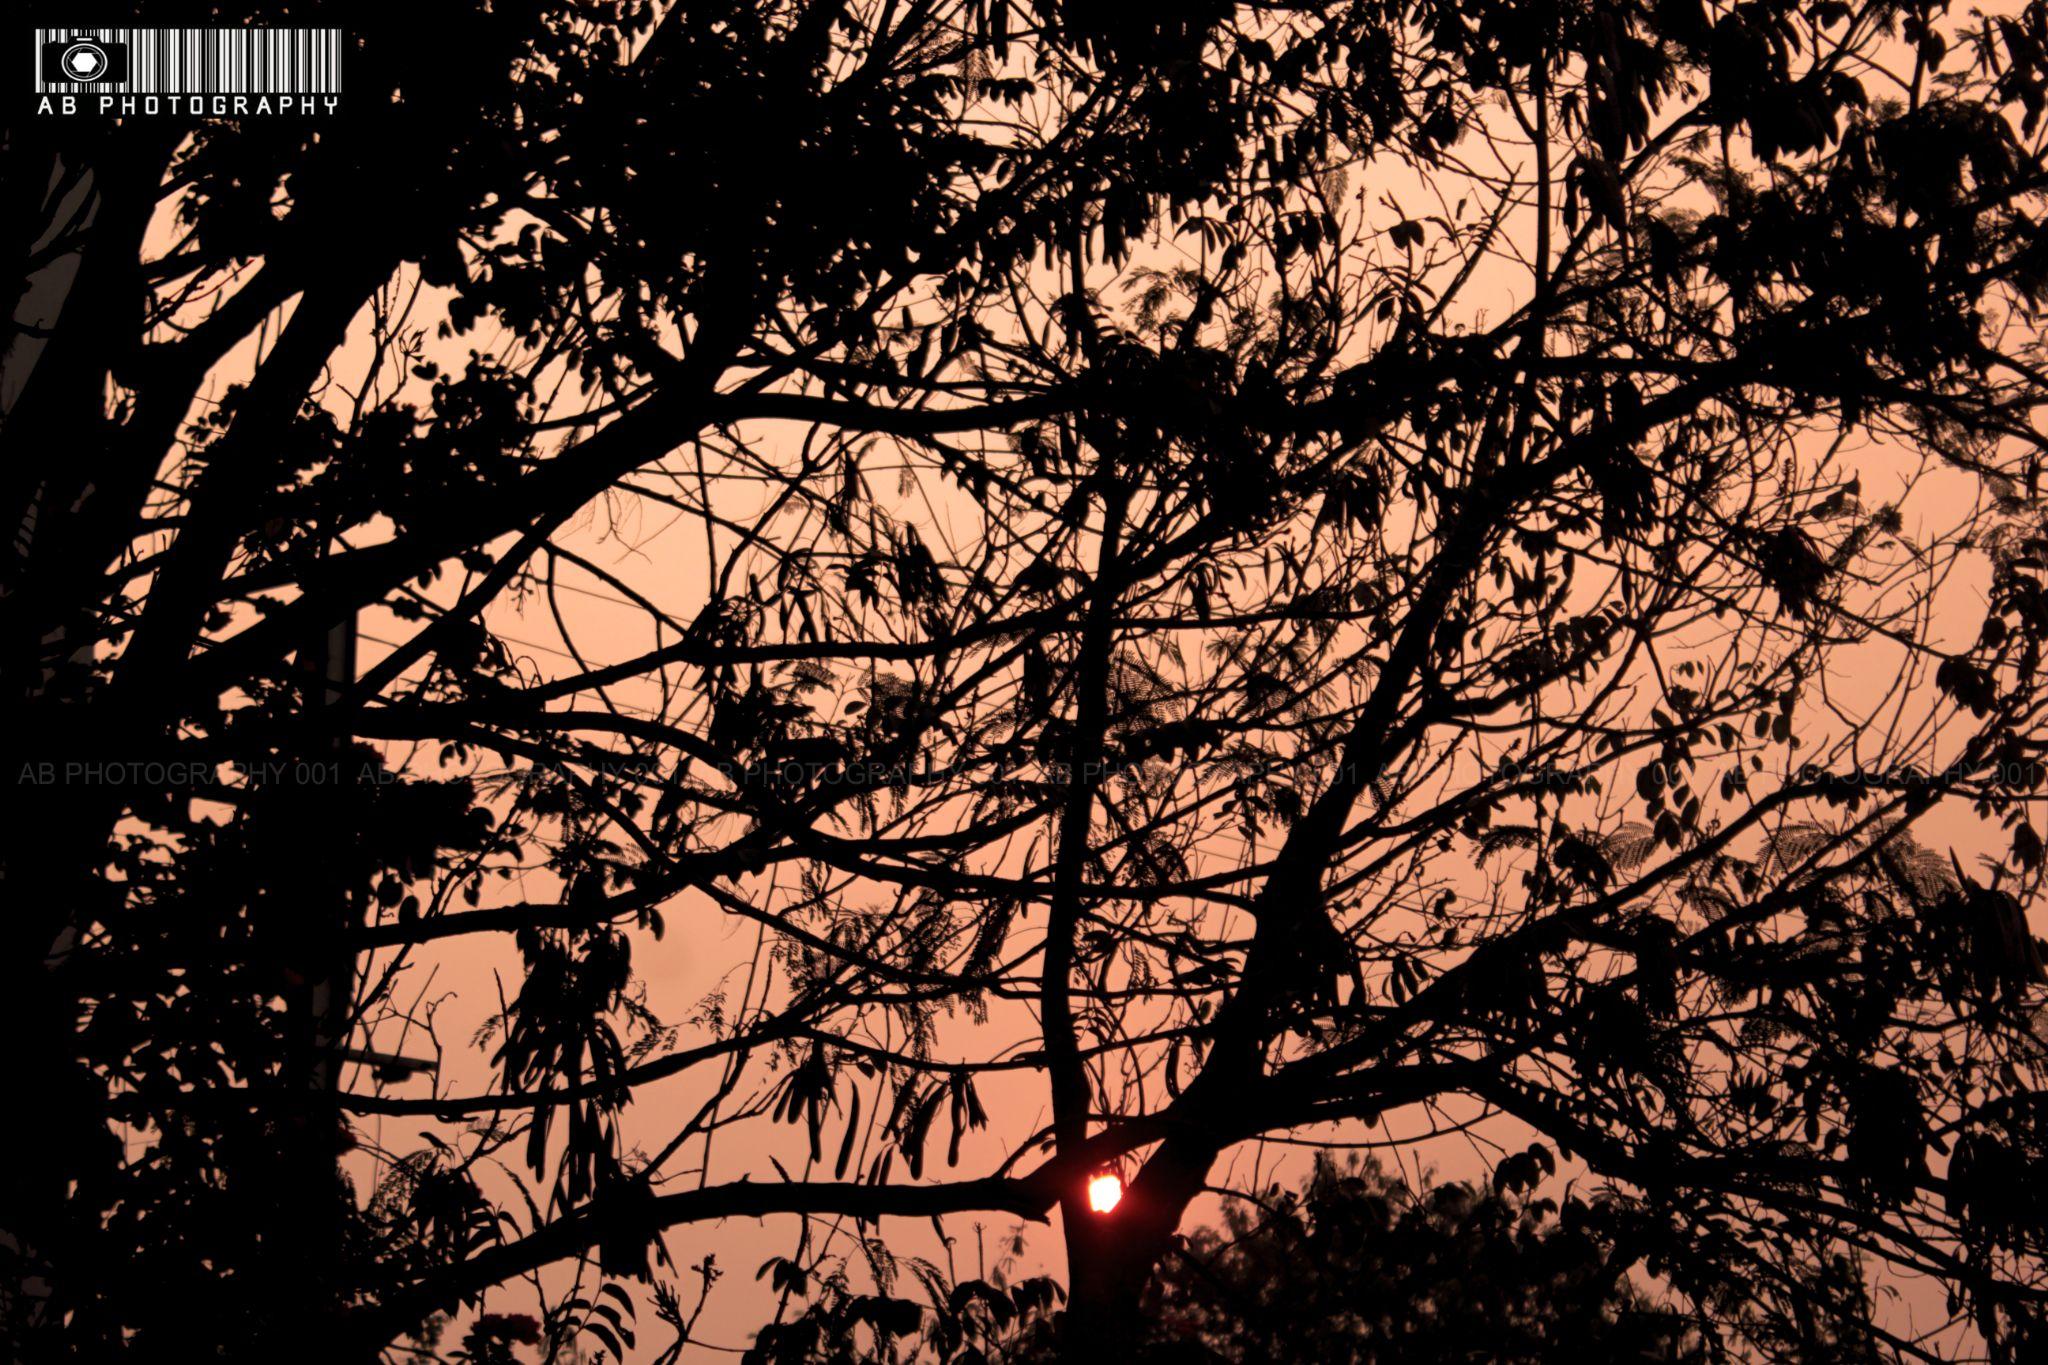 MORNING_SUNRISE by ABHILASHKODALI